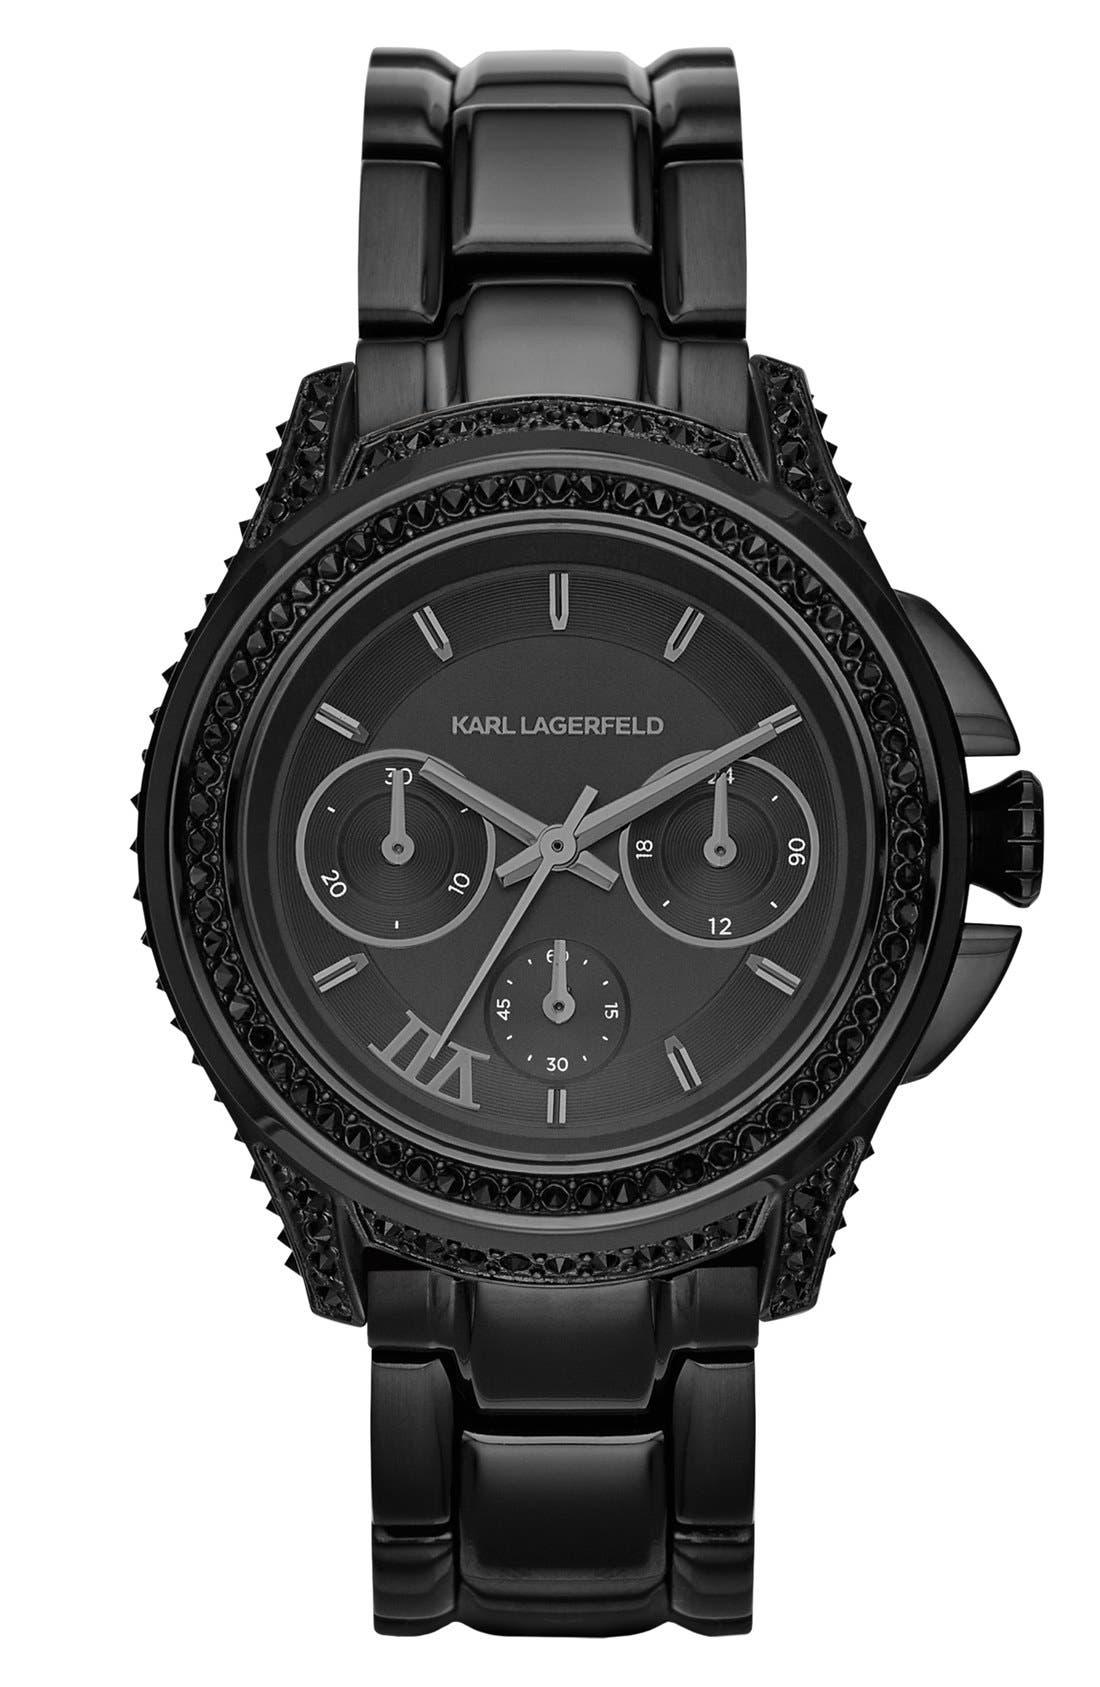 Main Image - KARL LAGERFELD '7' Bracelet Watch, 39mm